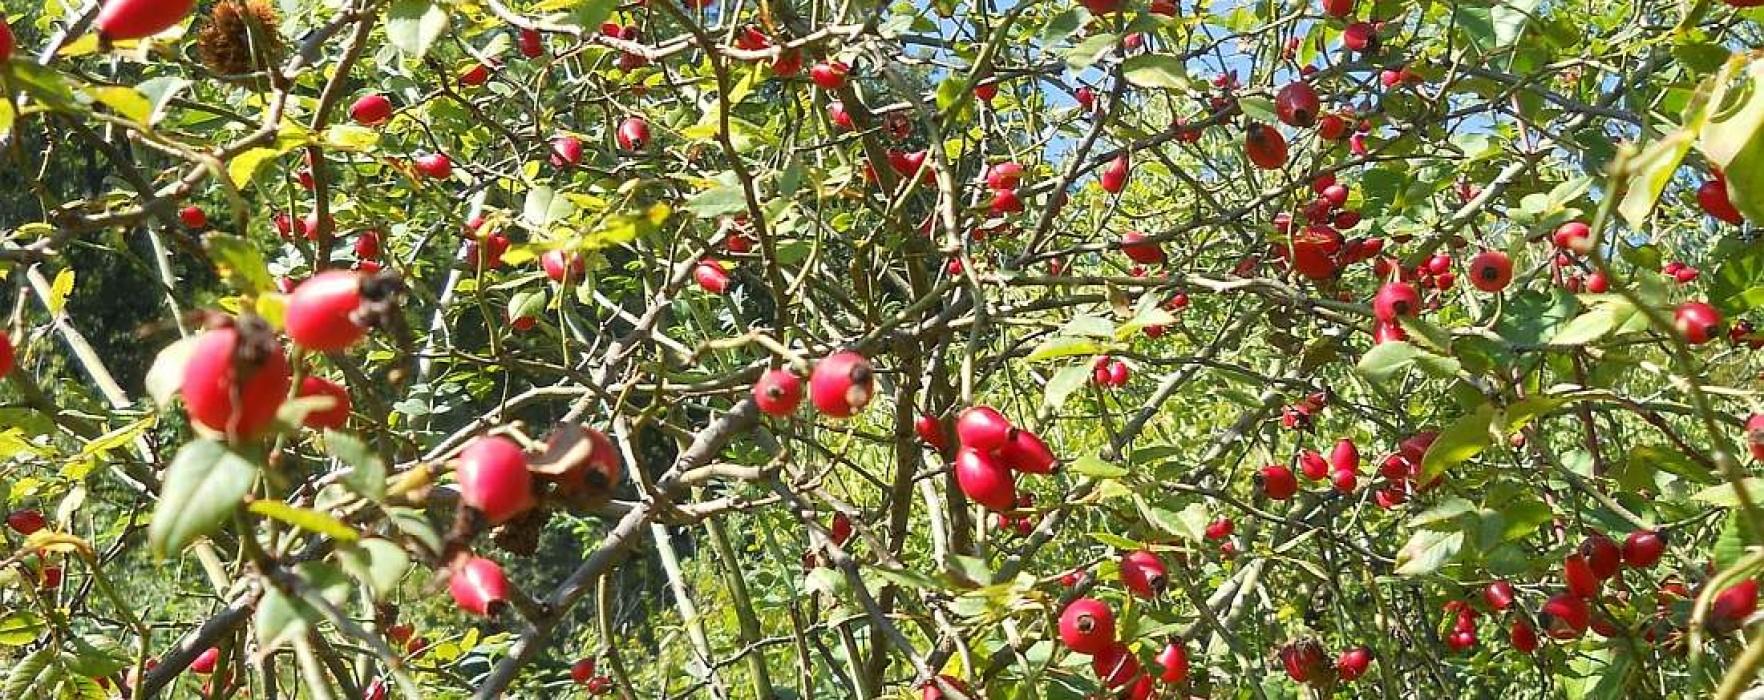 Direcţia Silvică Dâmboviţa: Zeci de tone de fructe de pădure, la export